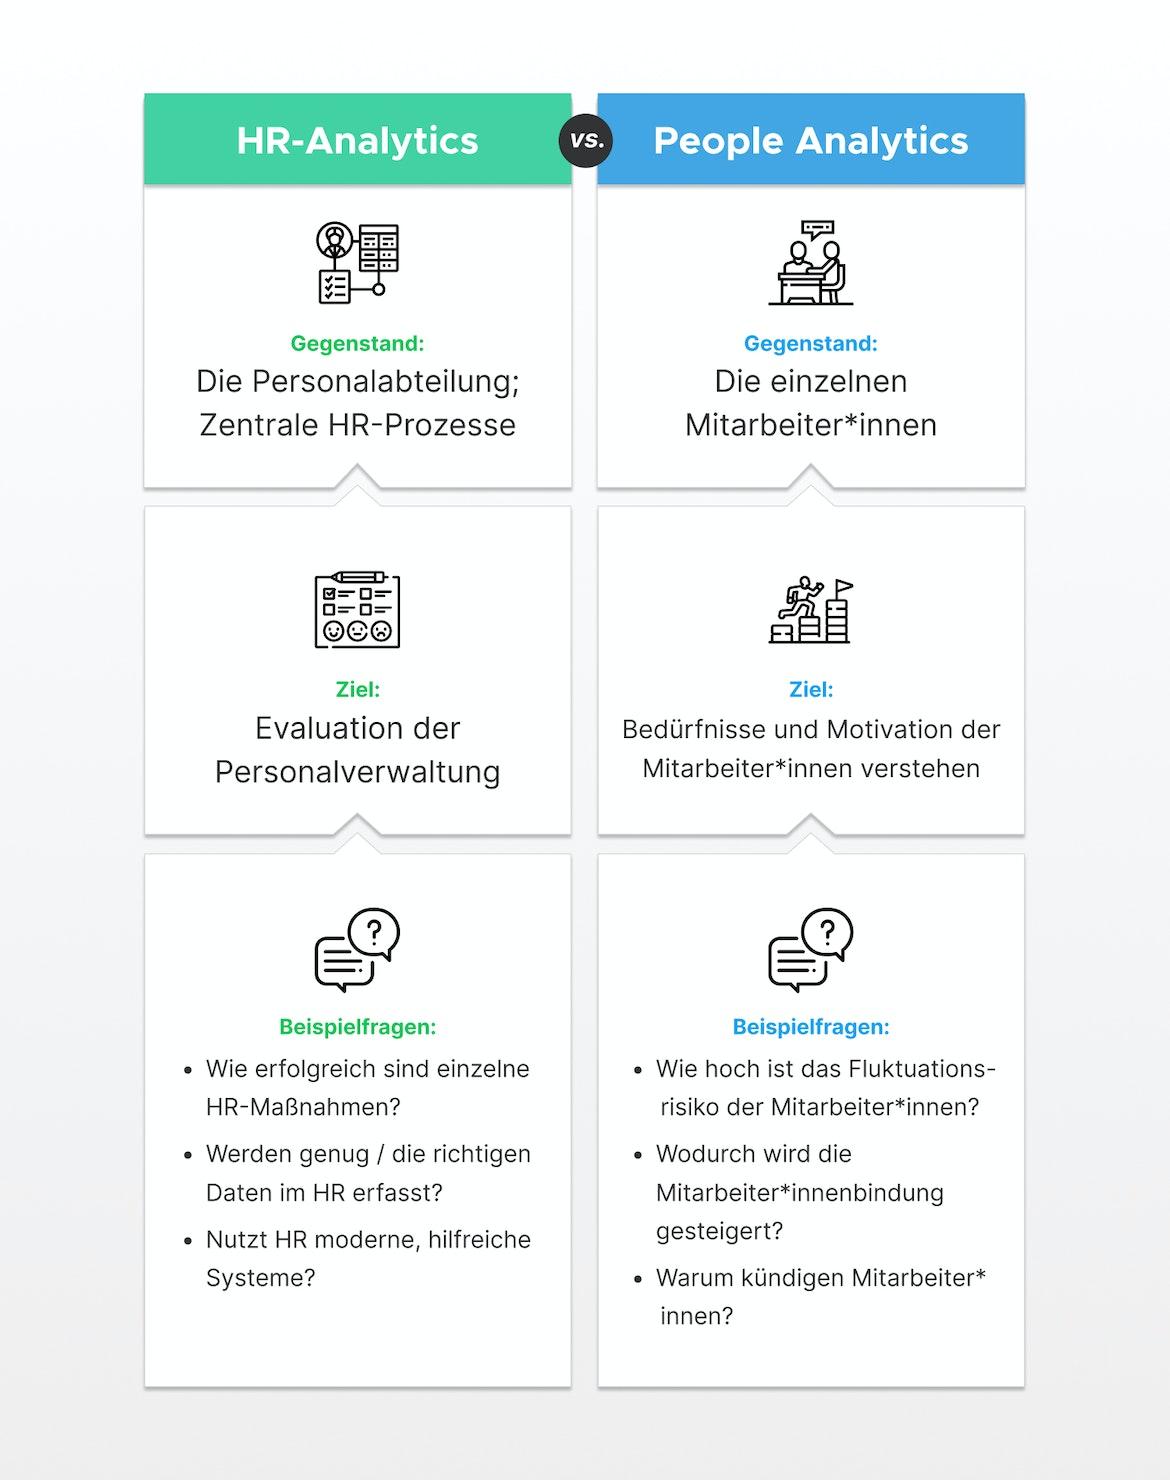 Vergleich von HR-Analytics vs People Analytics